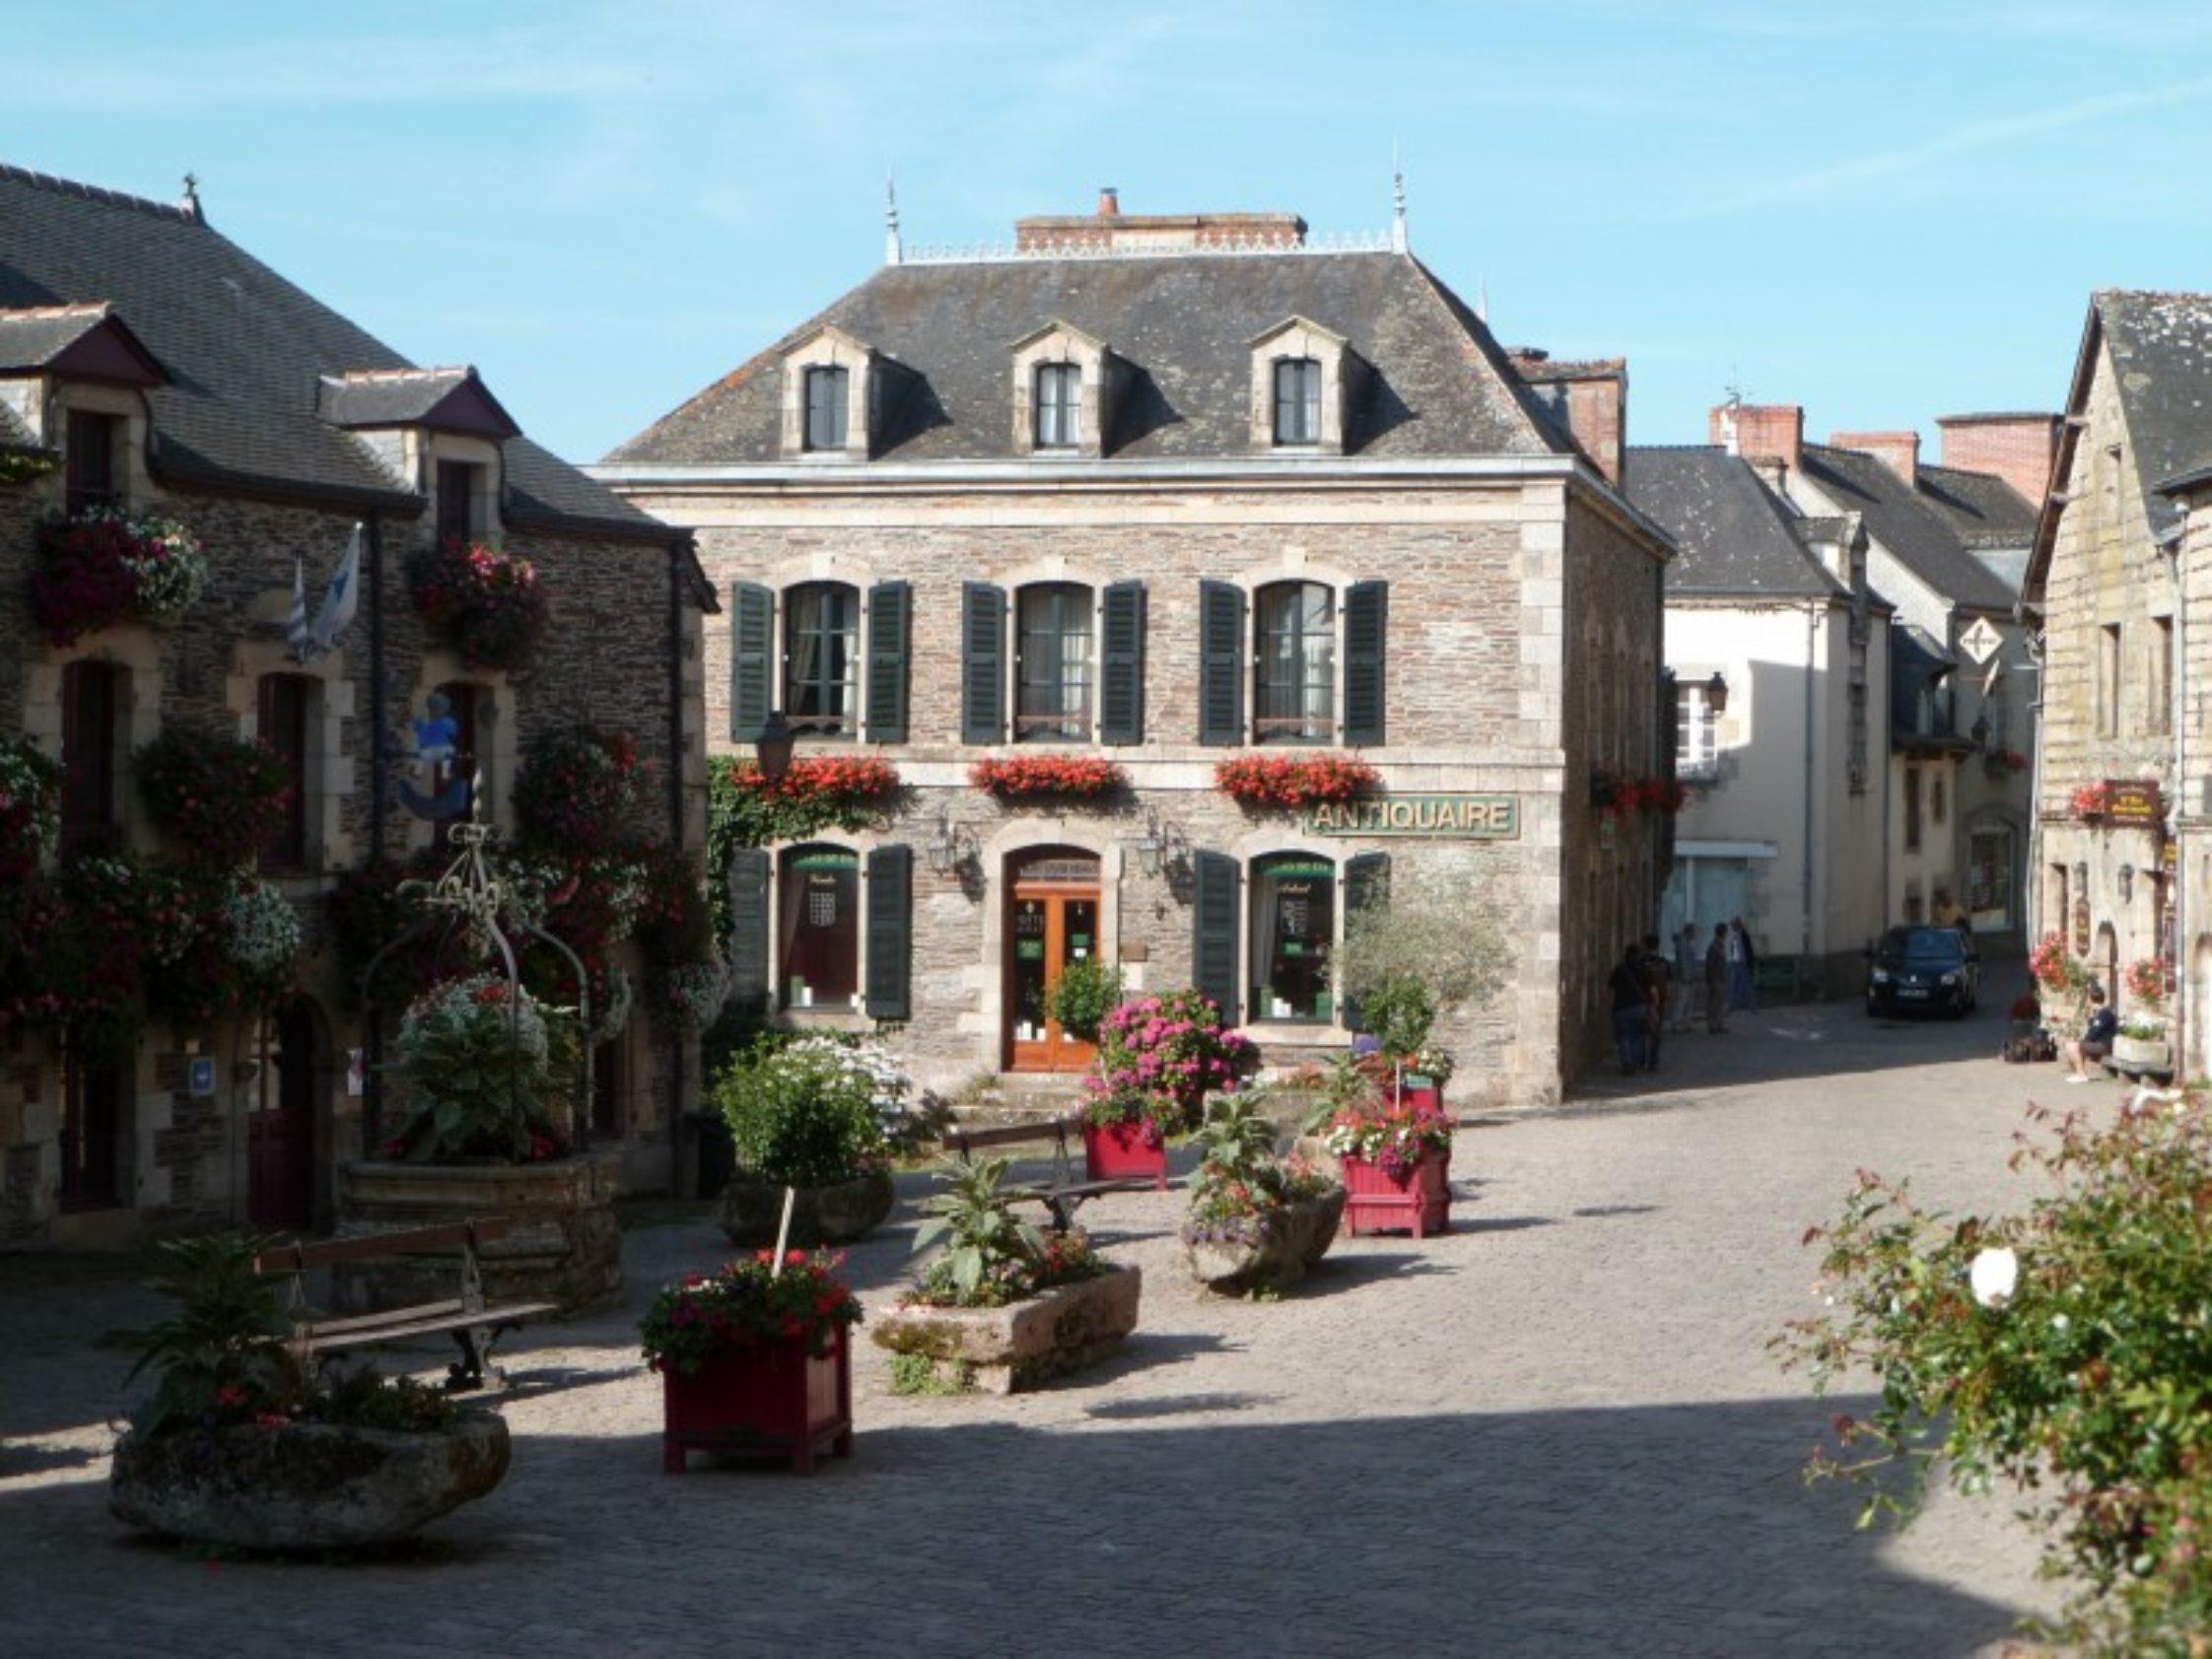 Le village de Rochefort-en-Terre : plus beau village de France